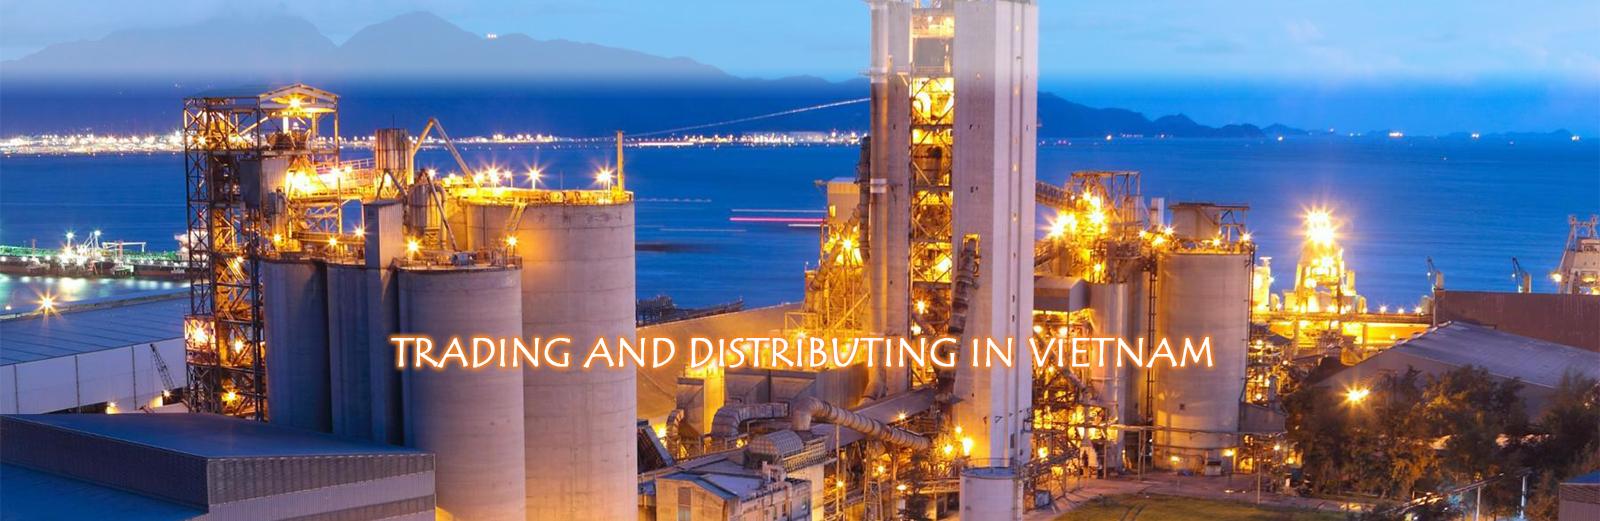 Công ty Cổ phần Vật tư và Thiết bị Công nghiệp Dimo Việt Nam